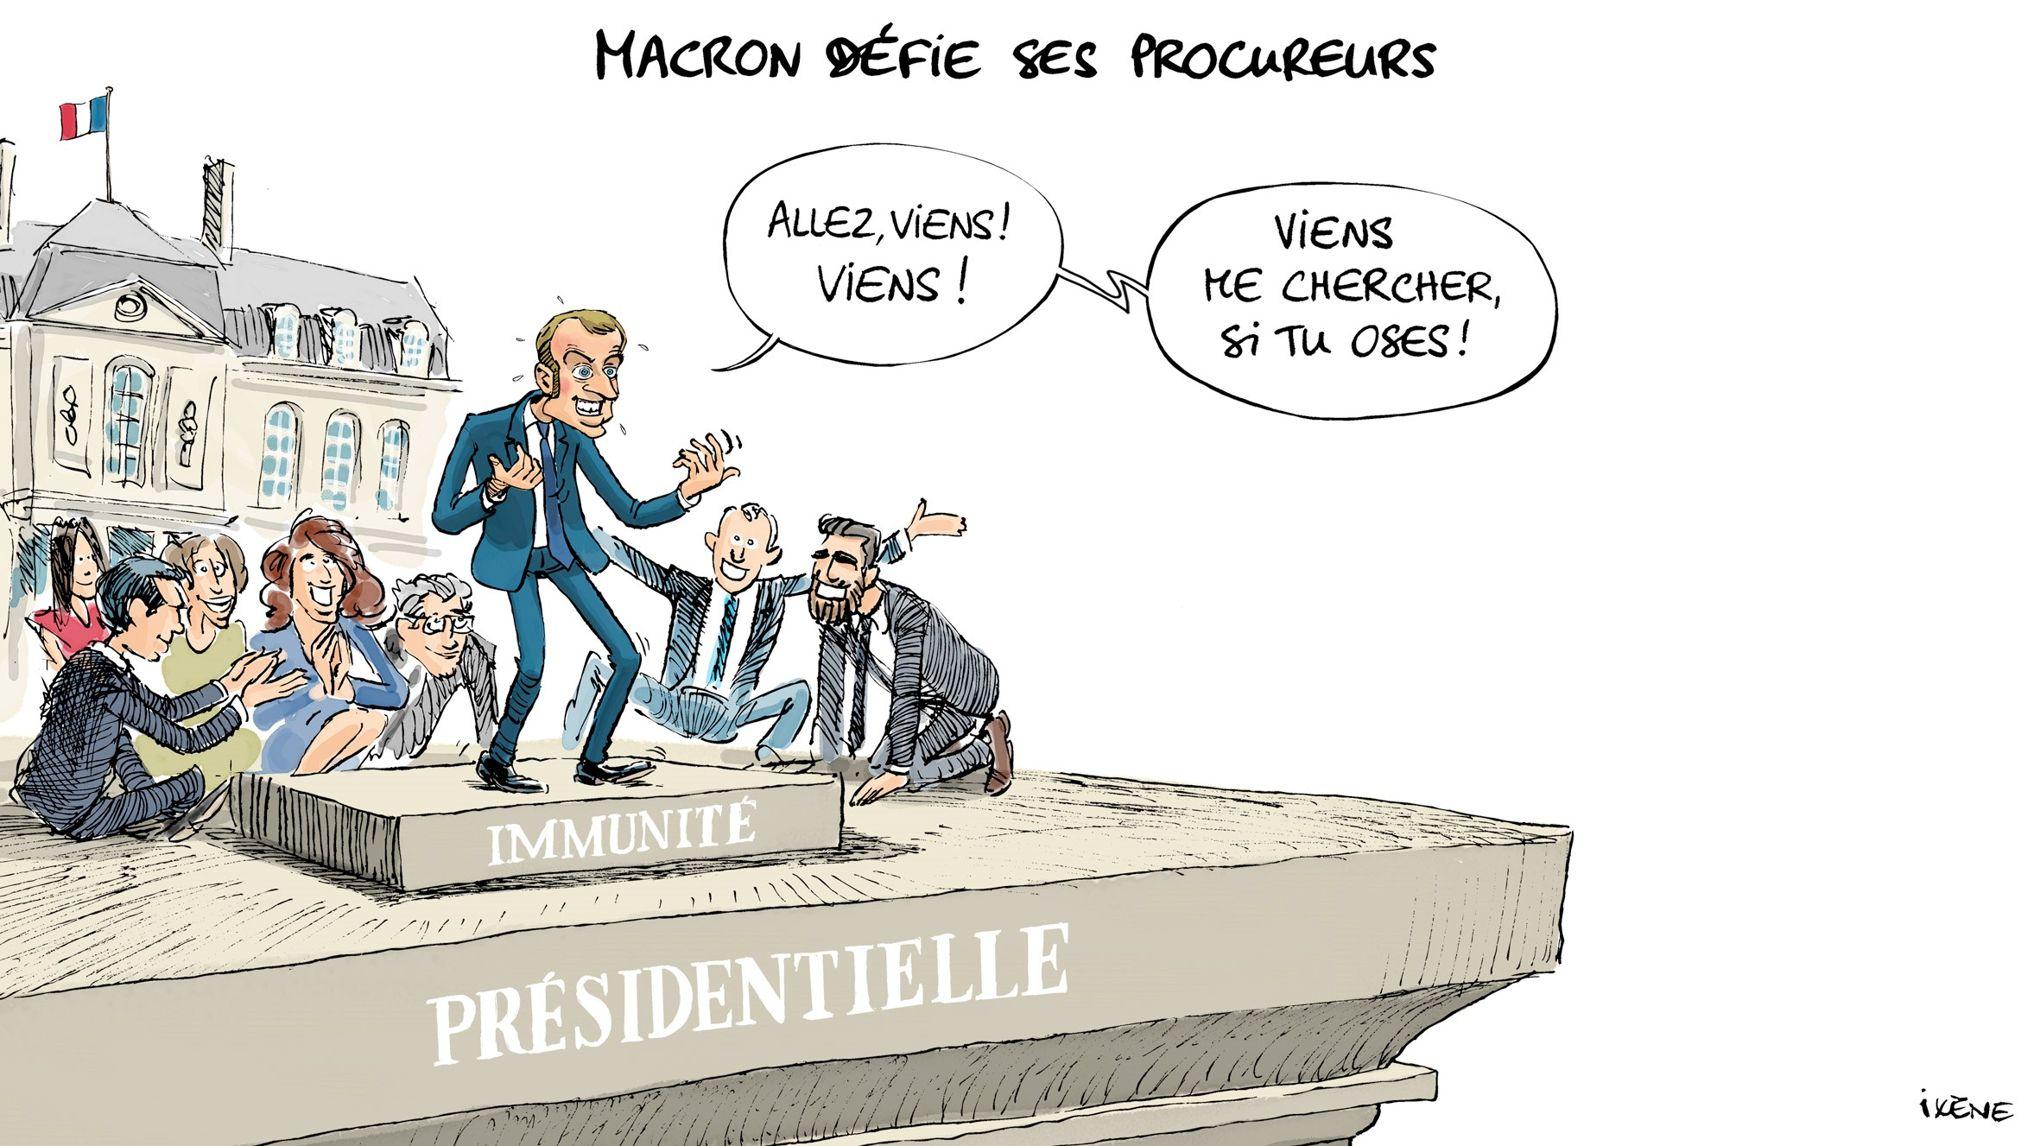 Le coup d'État judiciaire que tente Macron le sauvera-t-il ?